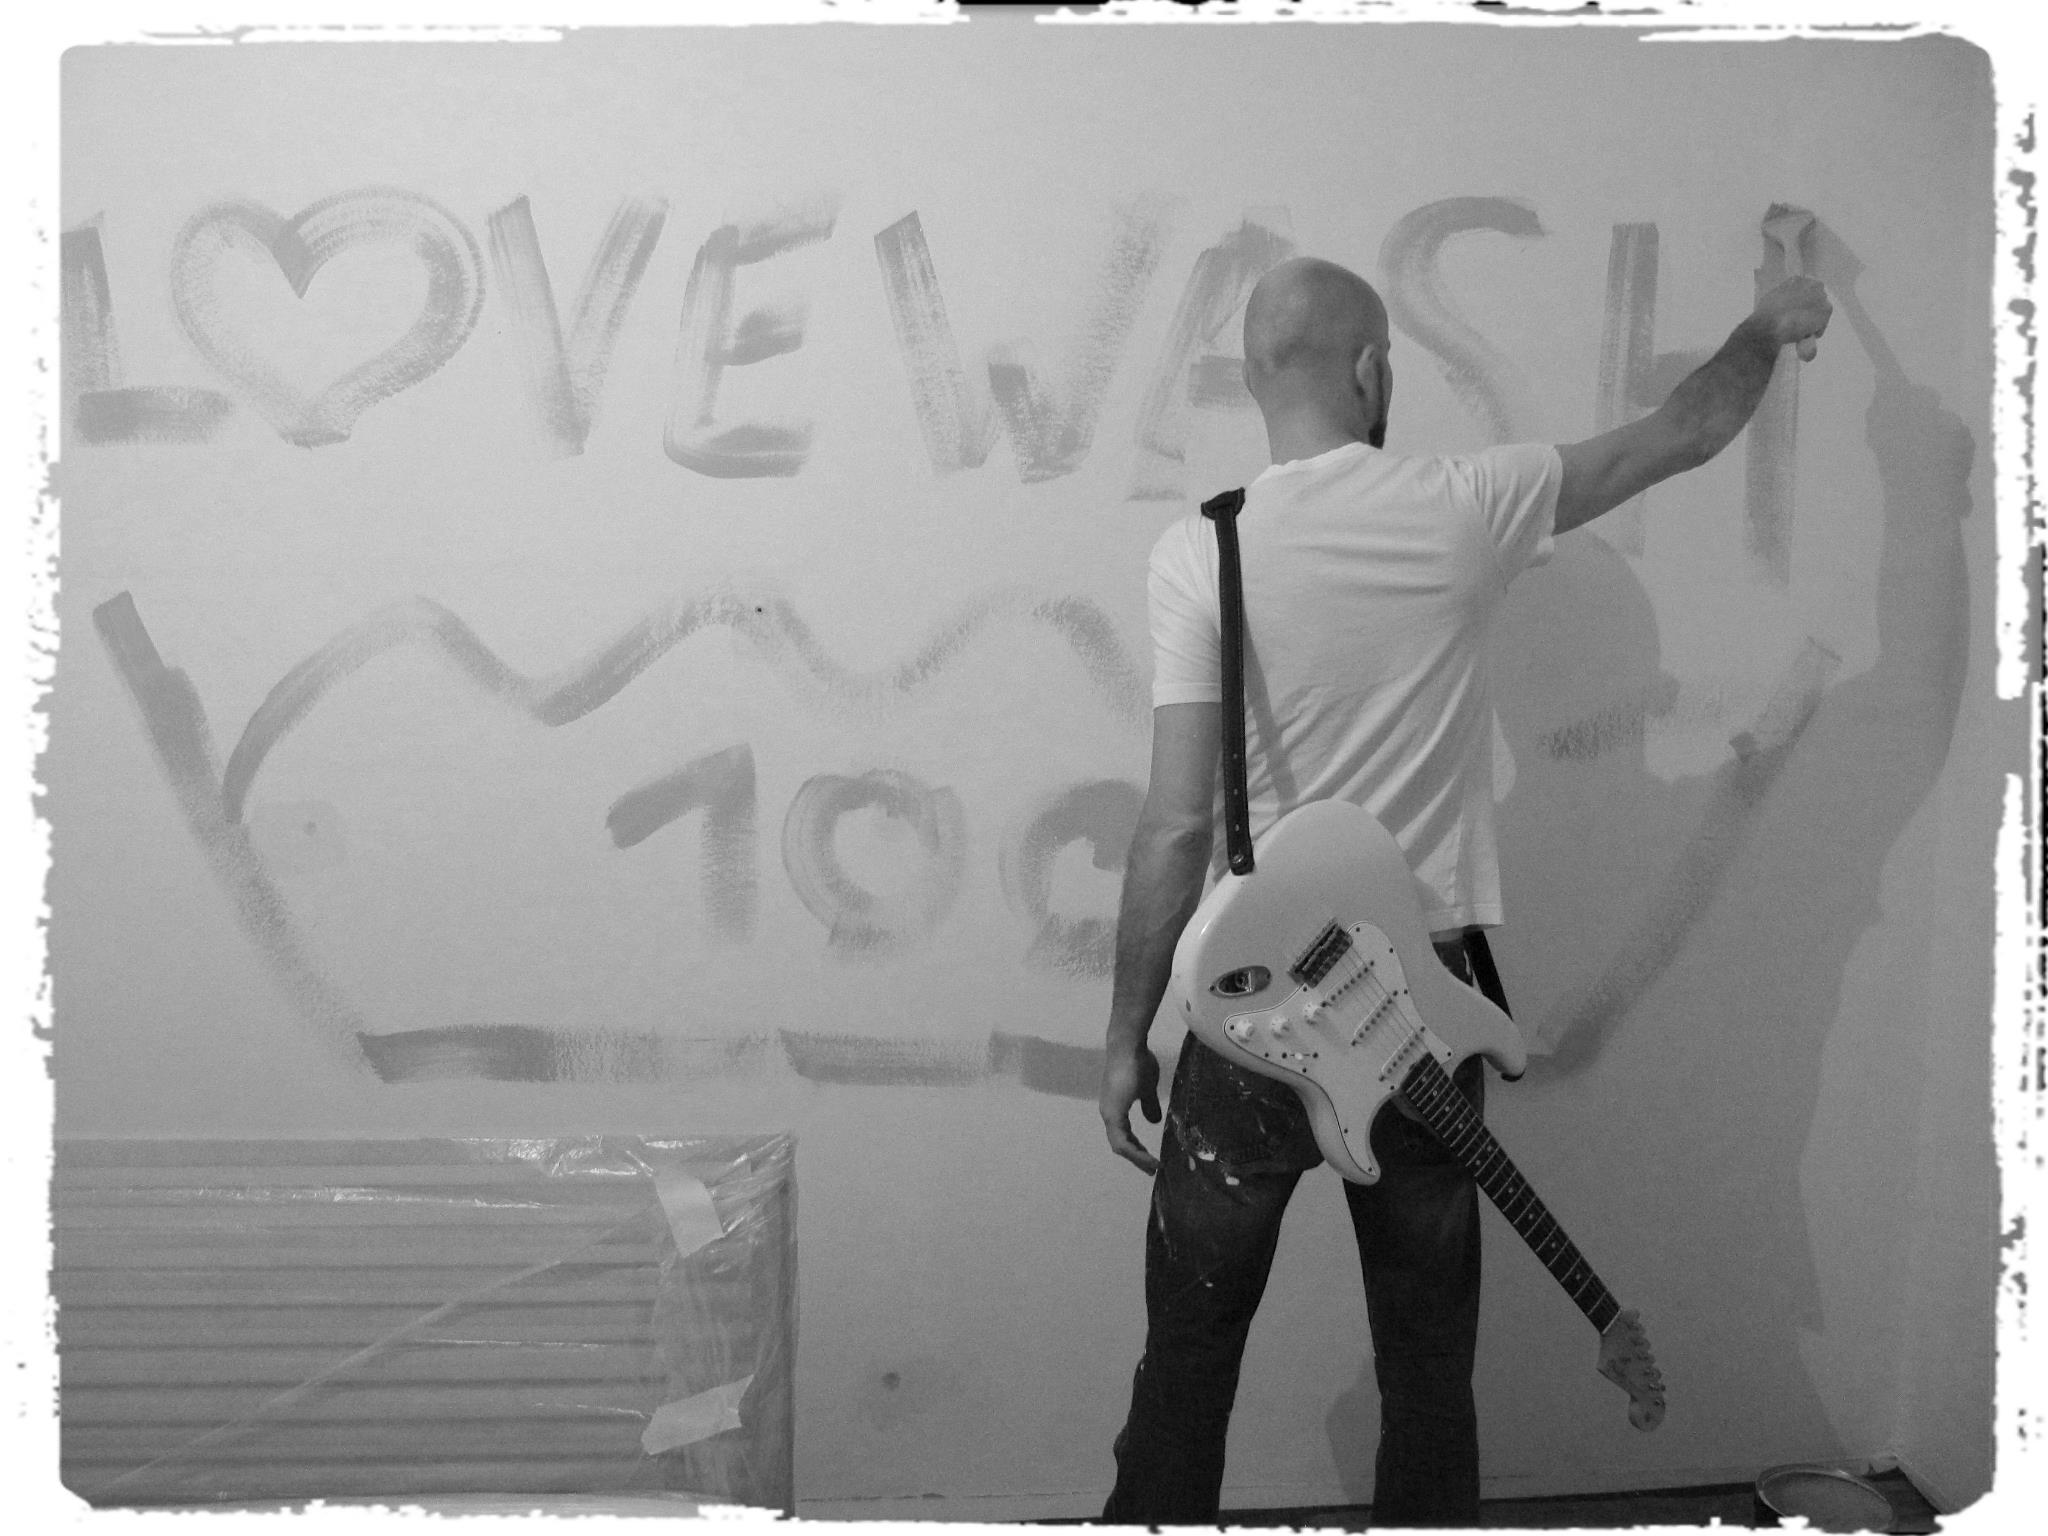 Lovewash 1